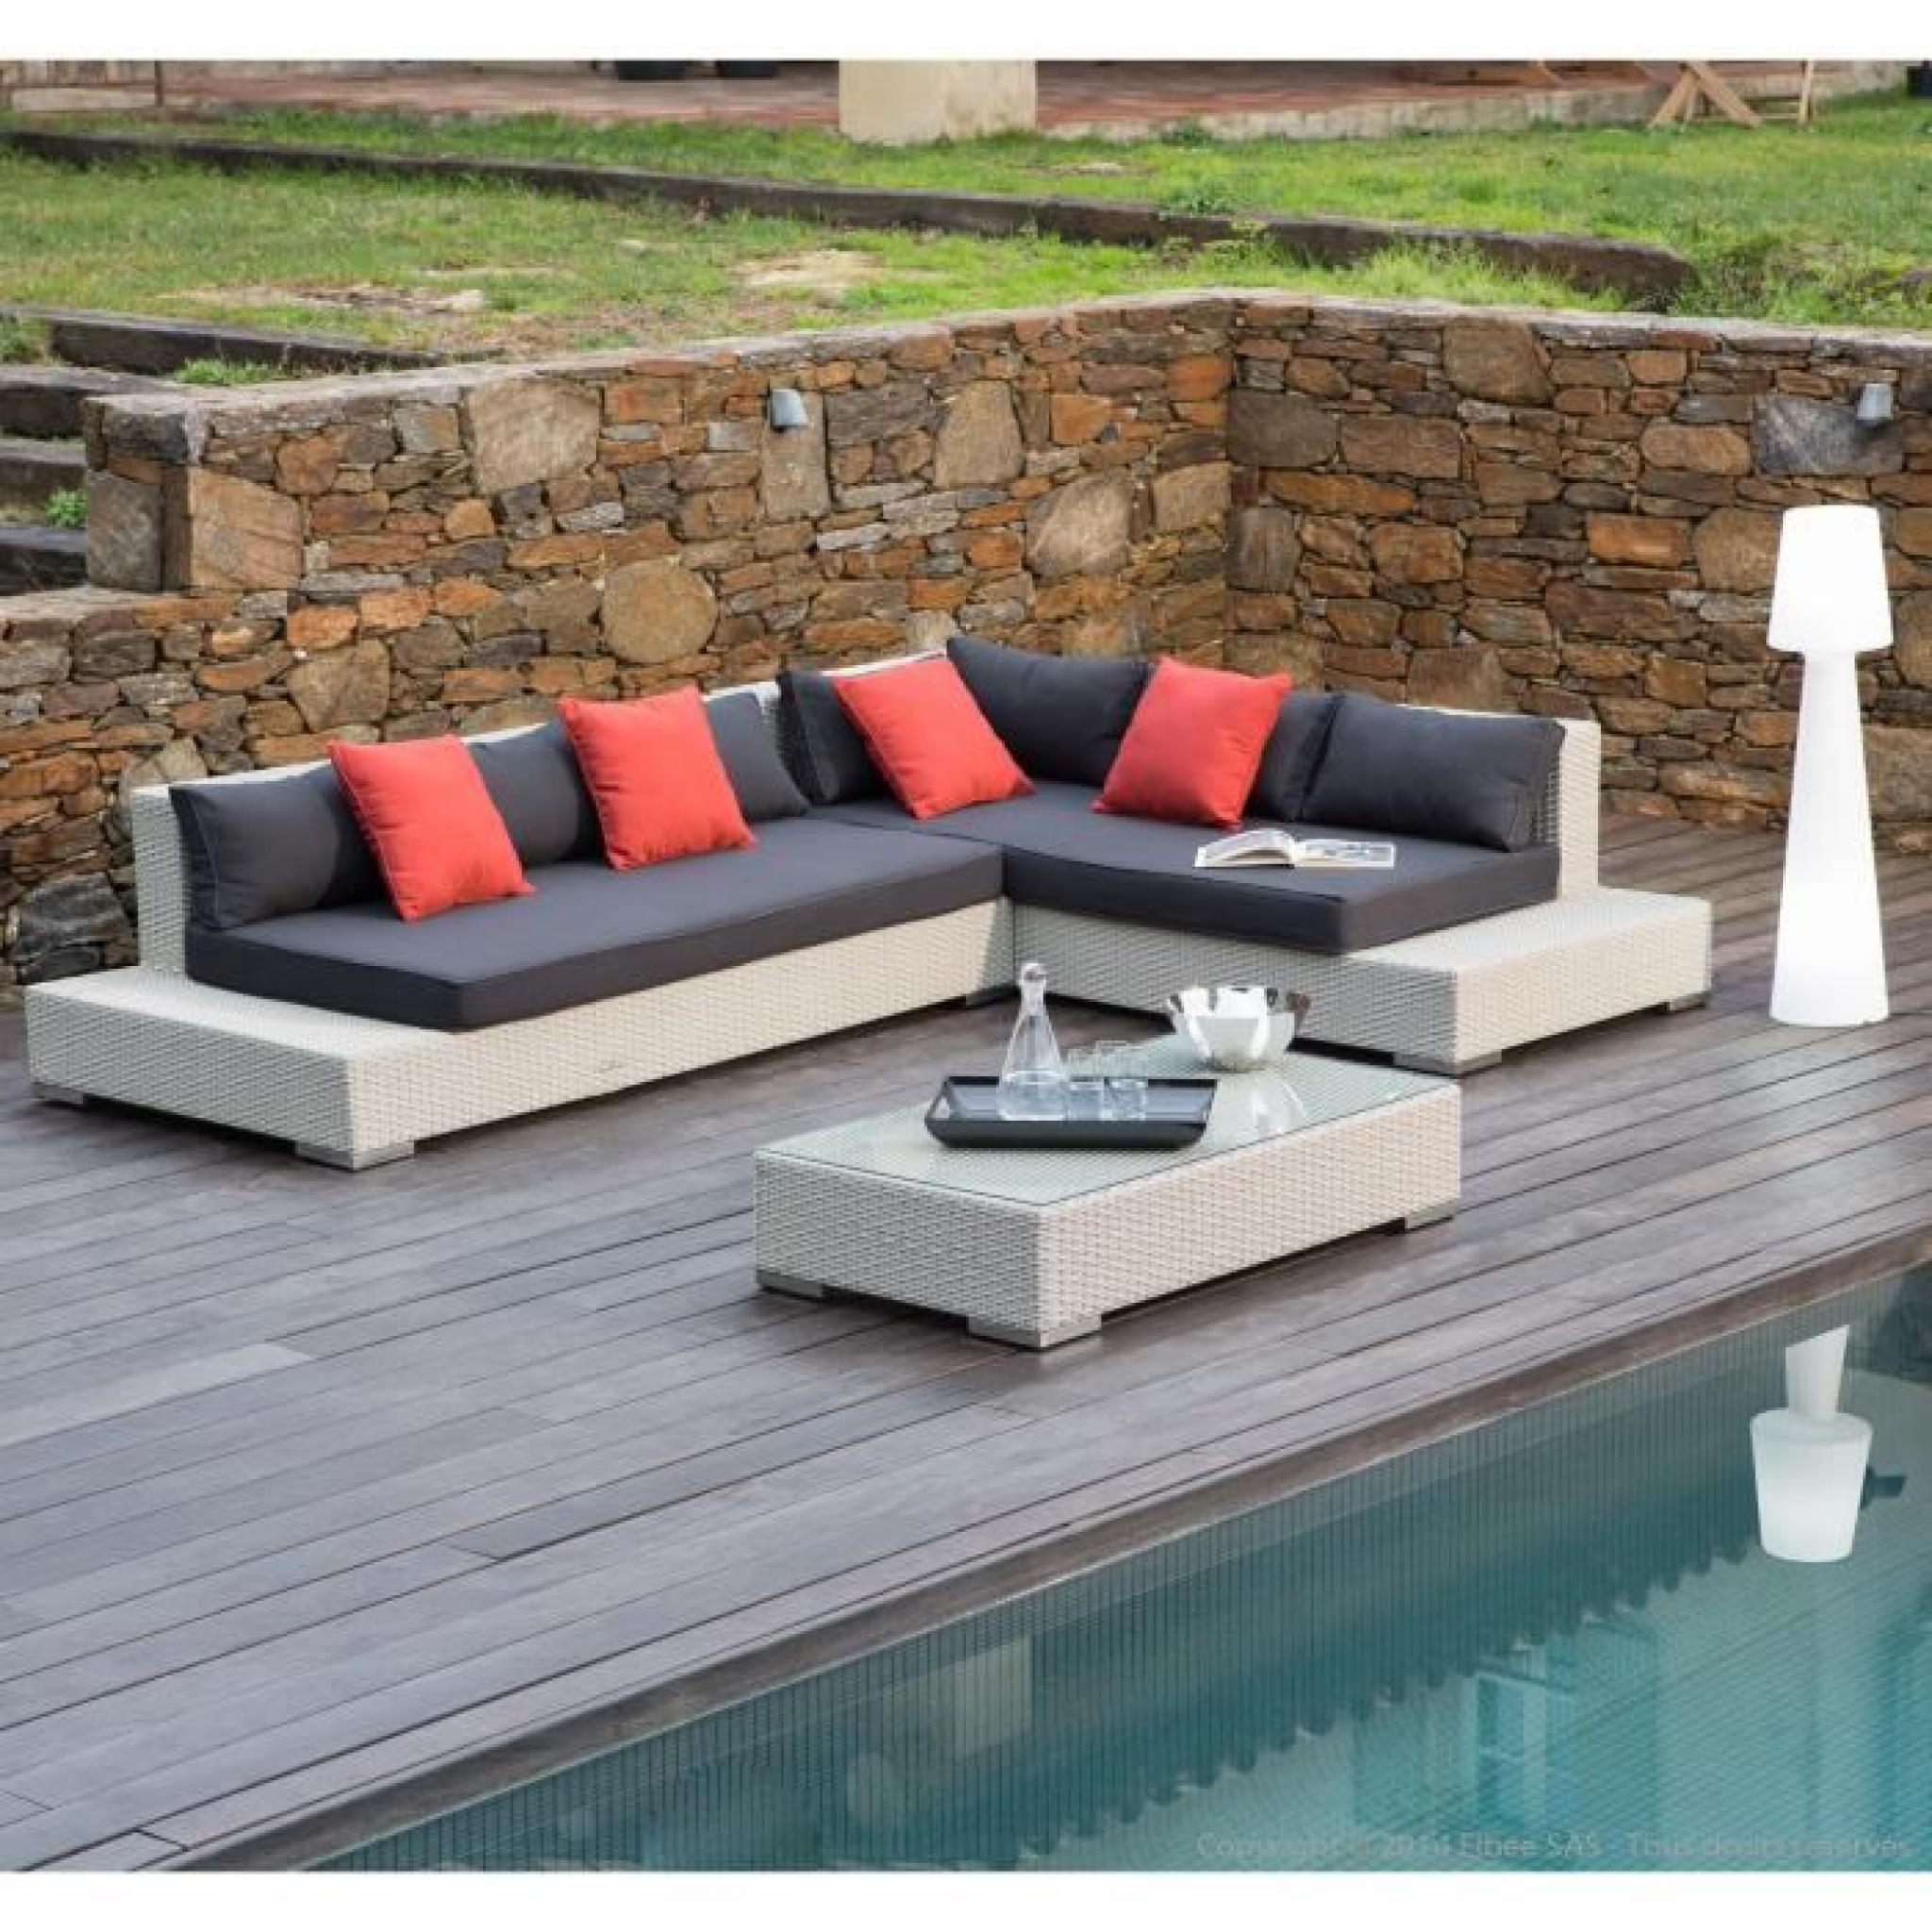 Salon De Jardin 6 Places : Canapé D'angle + Table Basse En Résine Tressée  Asella- serapportantà Canapé D Angle De Jardin